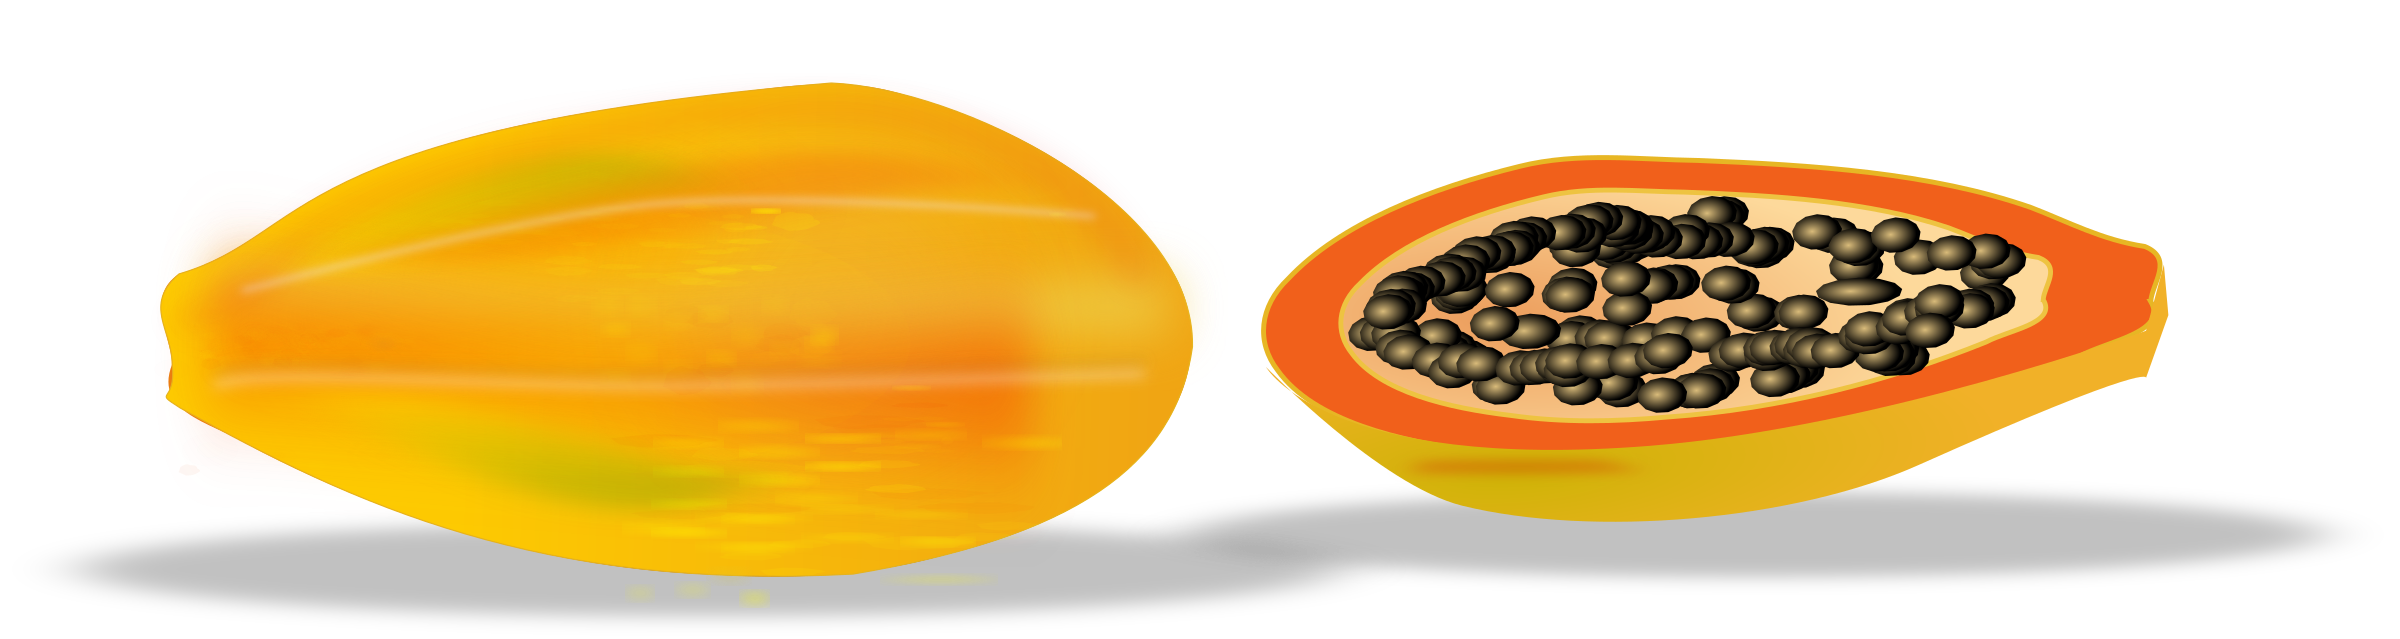 Yellow clipart papaya By sliced papaya Clipart netalloy